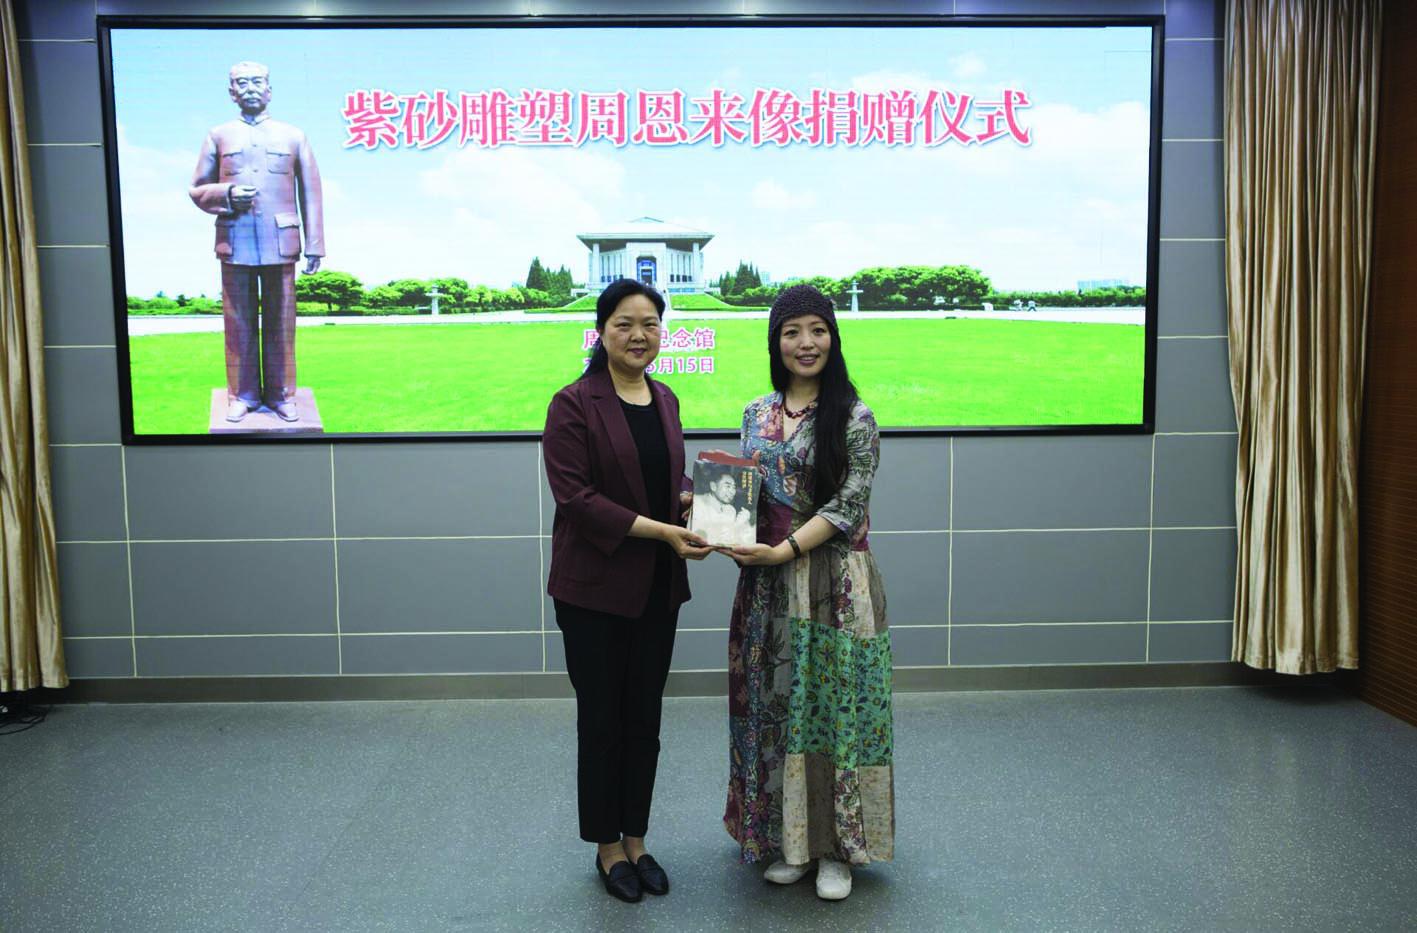 扬州女雕塑家作品《人民的总理》 获周恩来纪念馆永久收藏